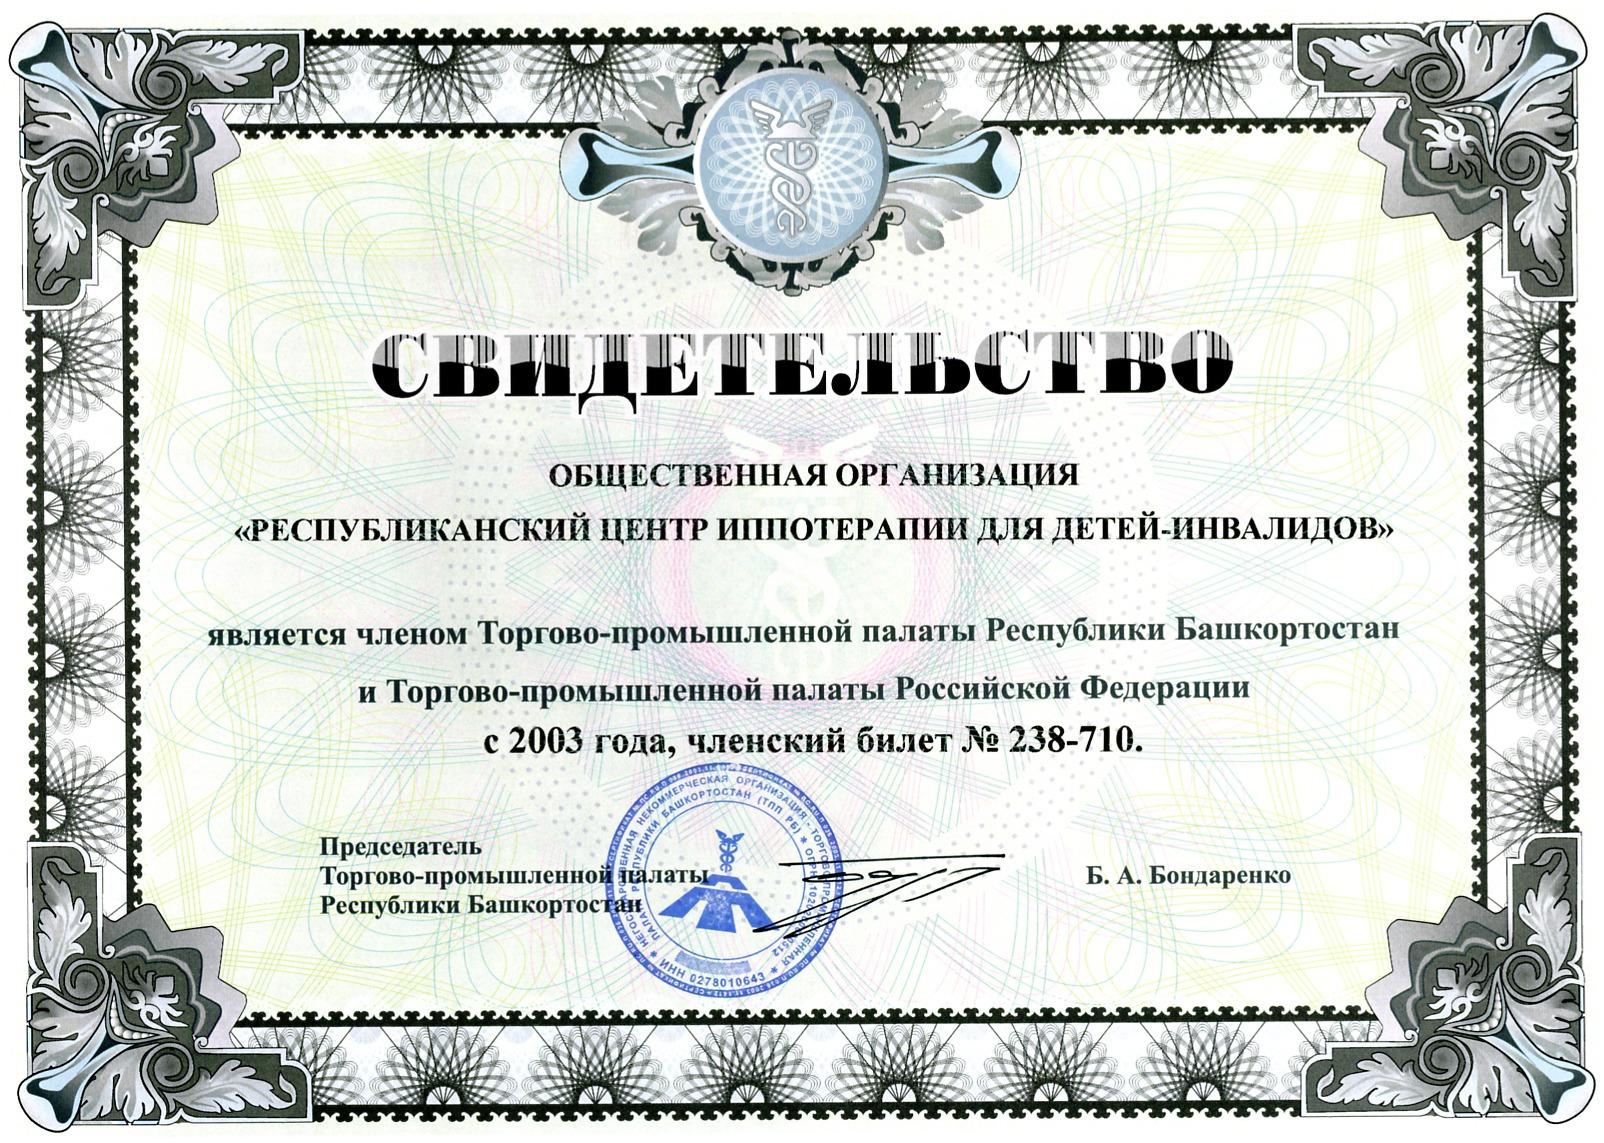 Сертификаты, благодарственные письма, дипломы